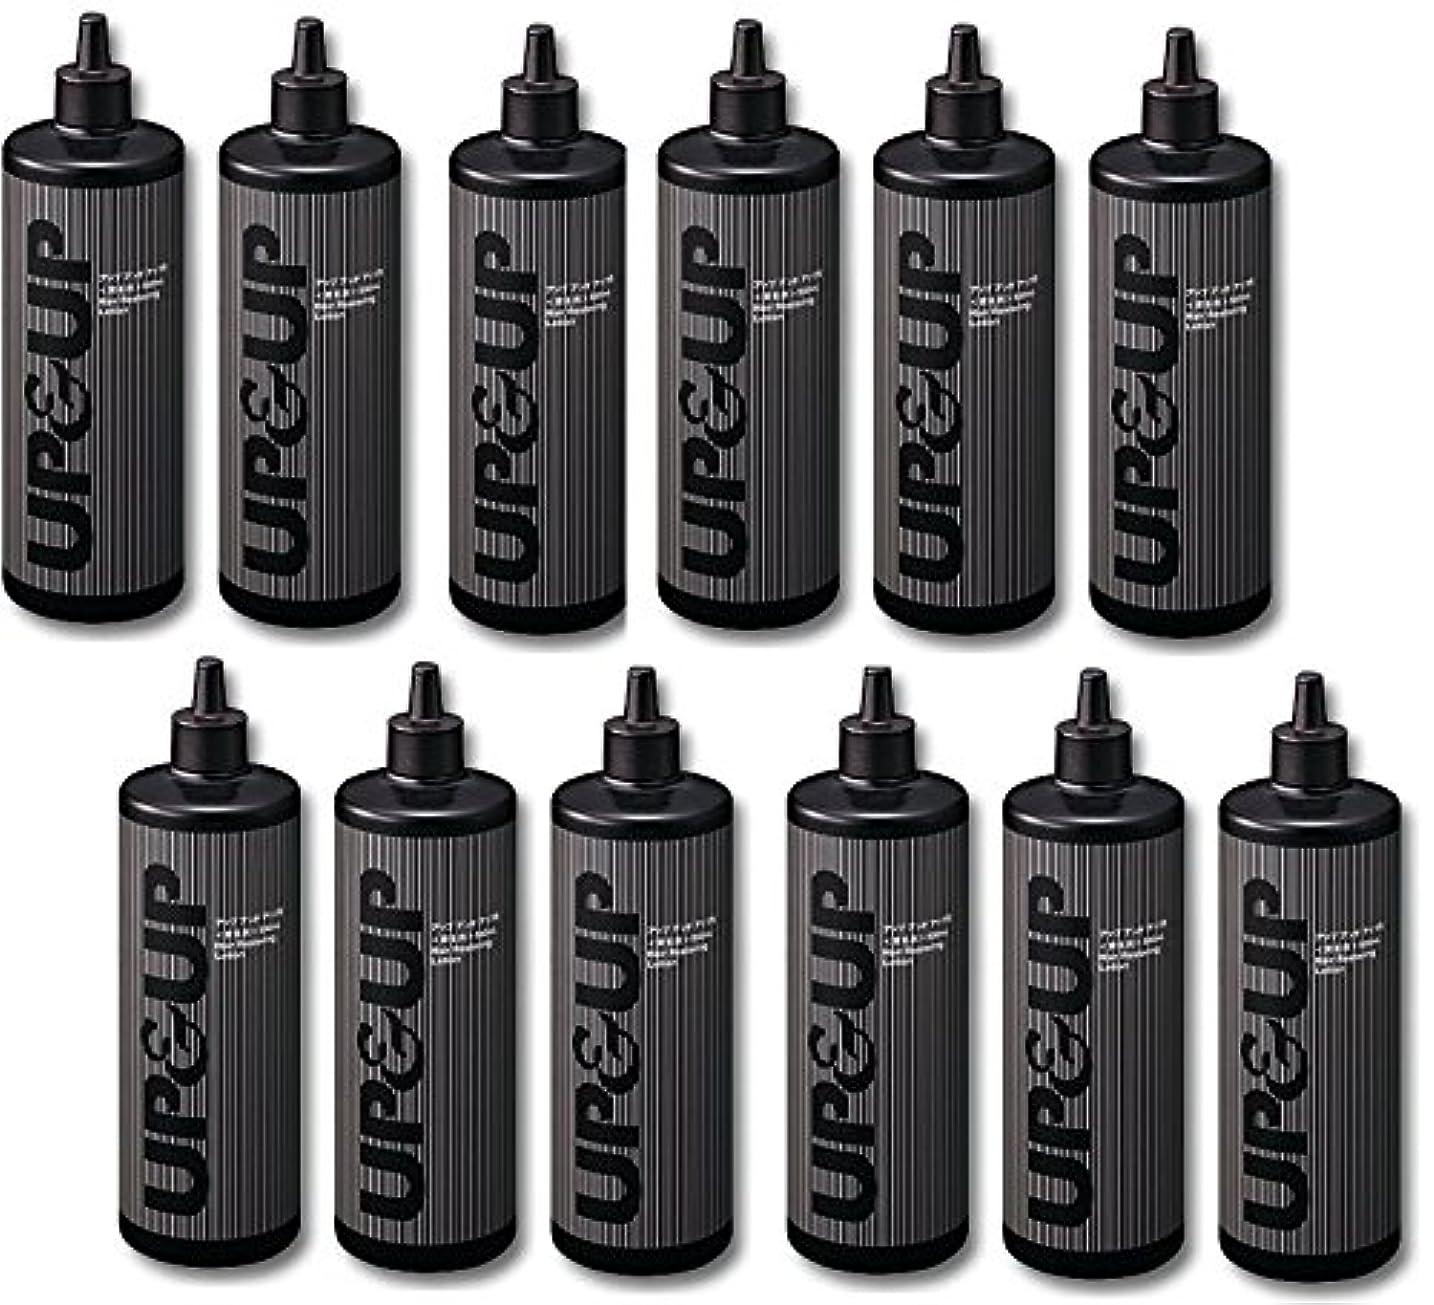 ハイジャック細菌乗算林原 H+Bライフサイエンス UP&UPS育毛剤 500ml x12本セット